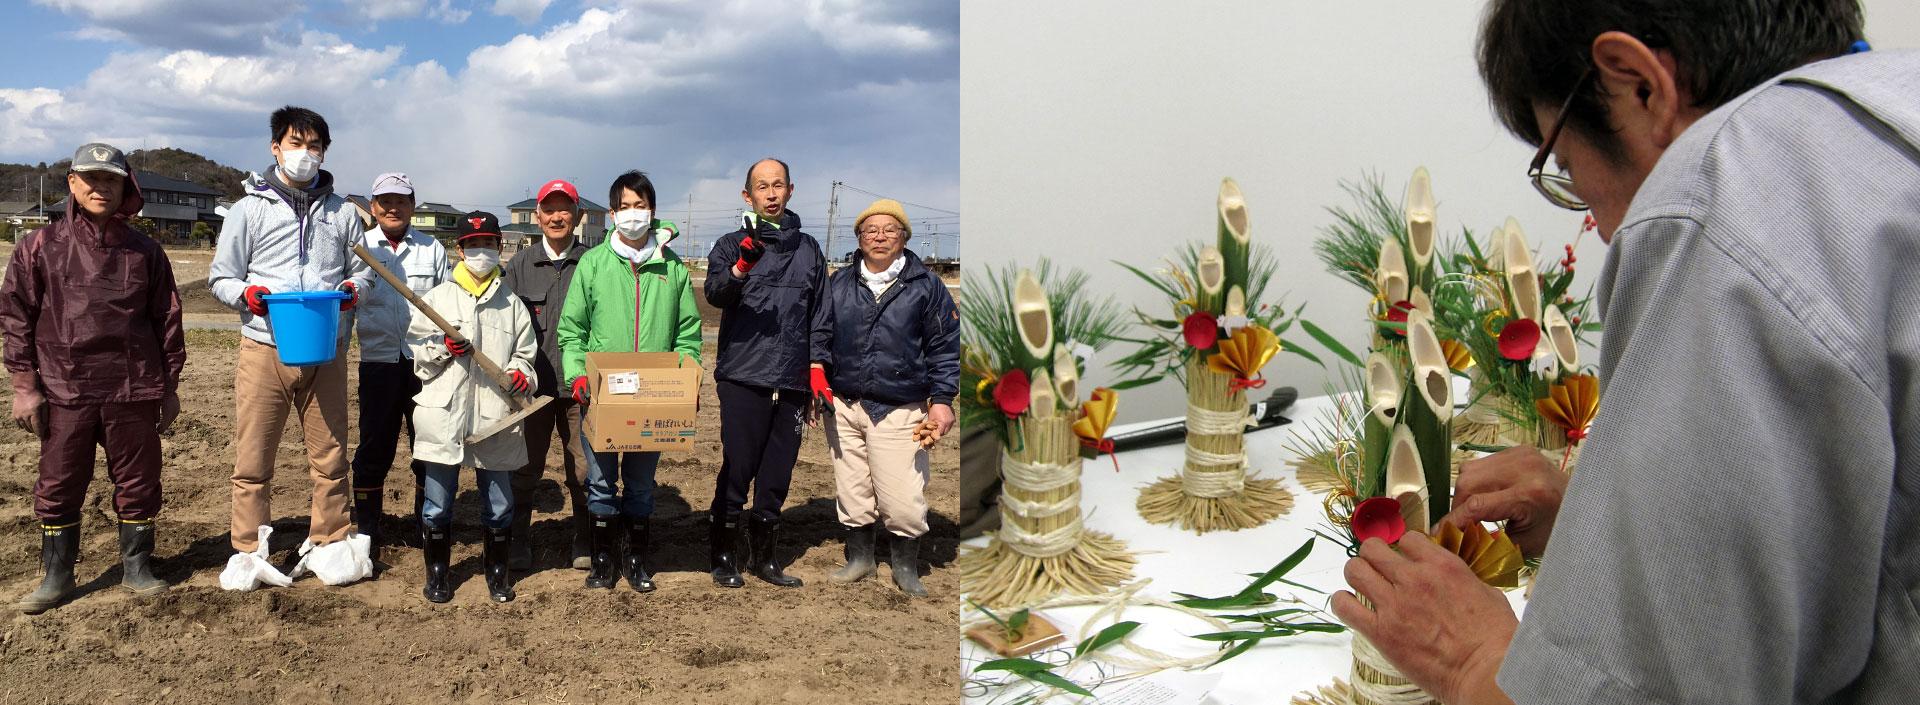 東日本大震災復興支援活動報告会 開催のお知らせ(12/4開催)